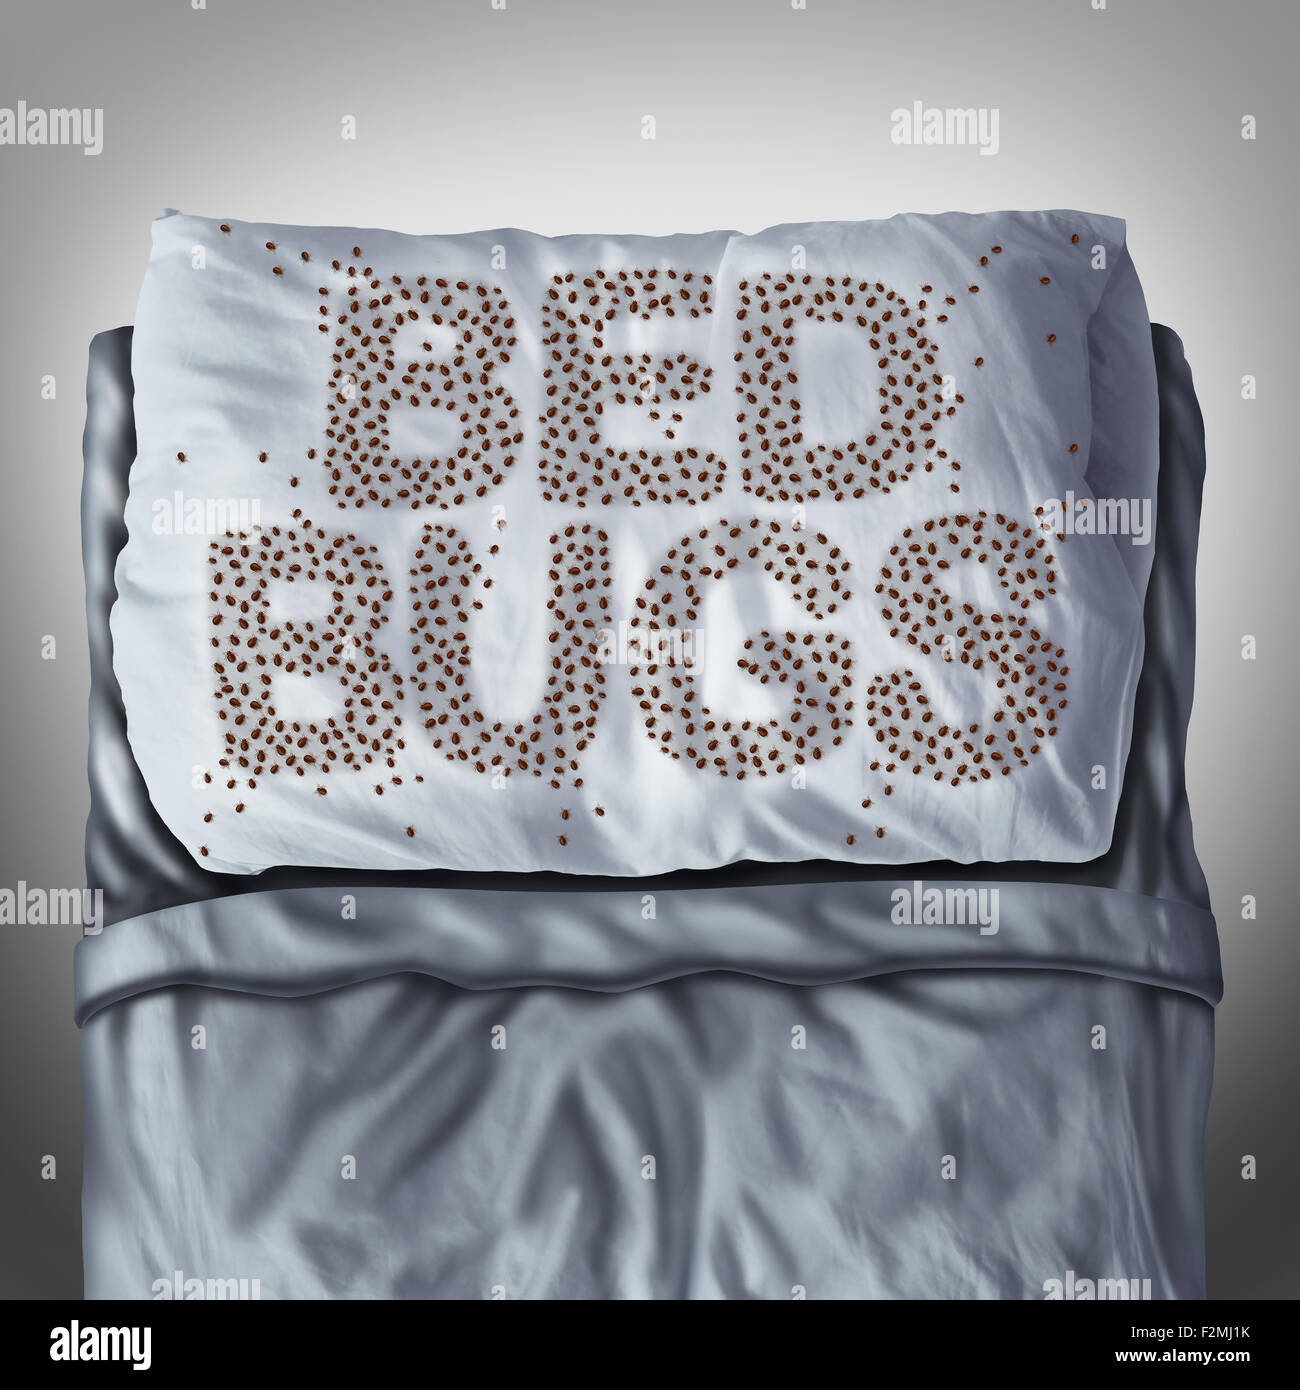 pests stockfotos pests bilder alamy. Black Bedroom Furniture Sets. Home Design Ideas